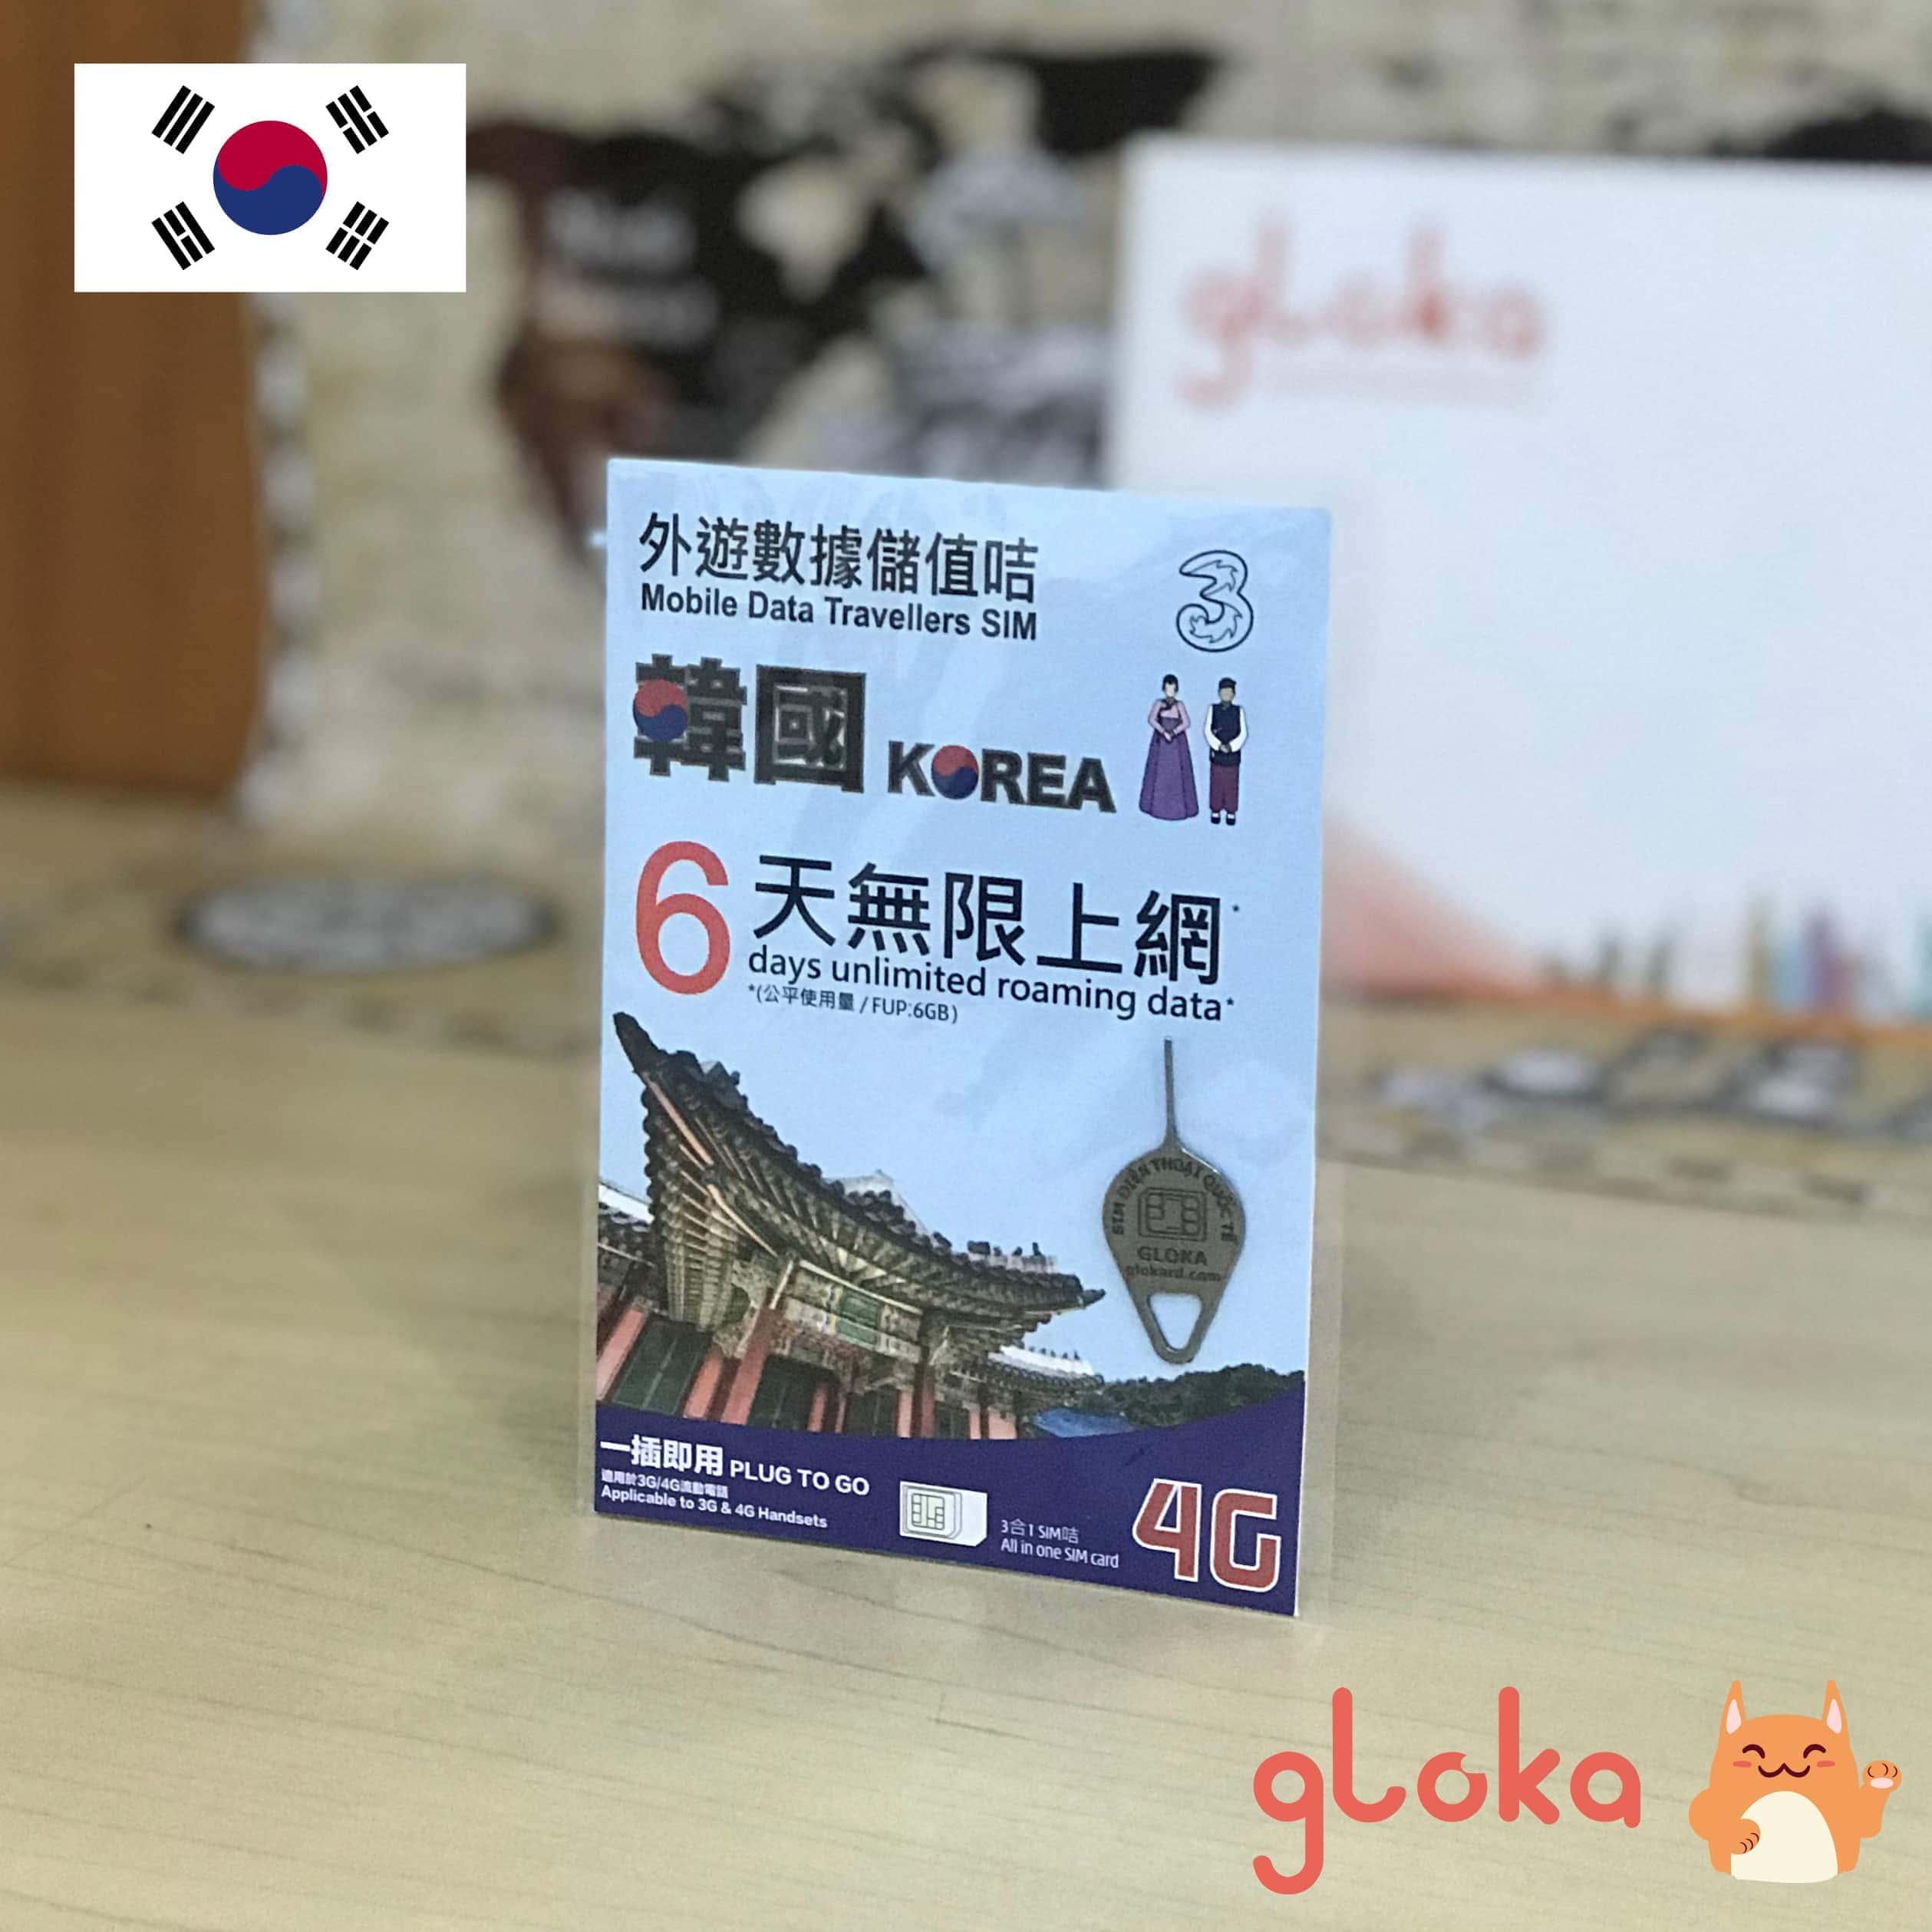 Korea 6GB 1